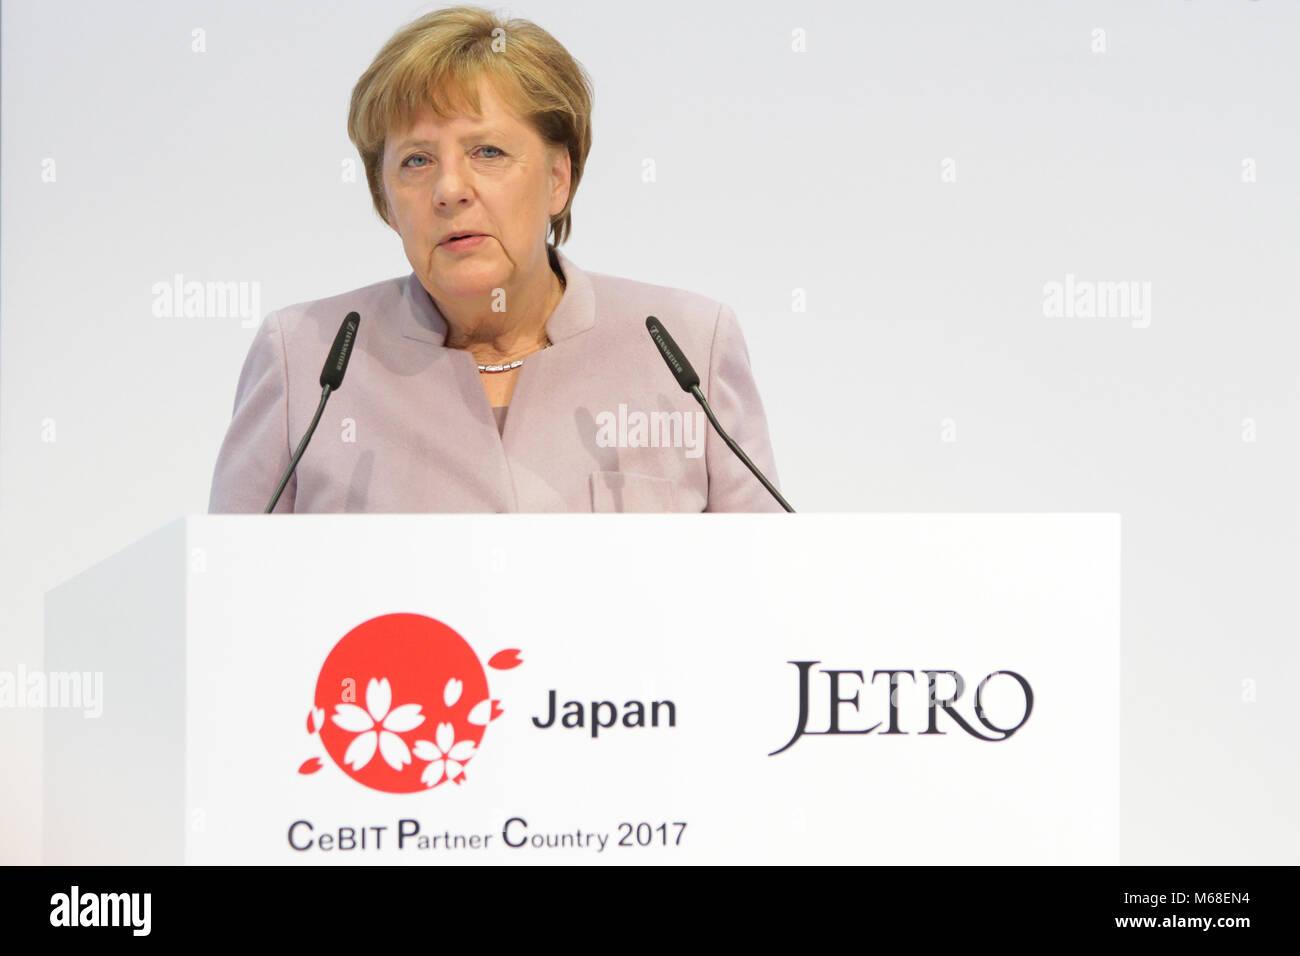 Hannover, Alemania. 20 de marzo de 2017. CeBIT 2017, la feria de TIC: Angela Merkel, Canciller Federal de Alemania, habla durante la apertura de caminar en el stand del CeBIT 2017-país socio en Japón. Crédito: Christian Lademann Foto de stock